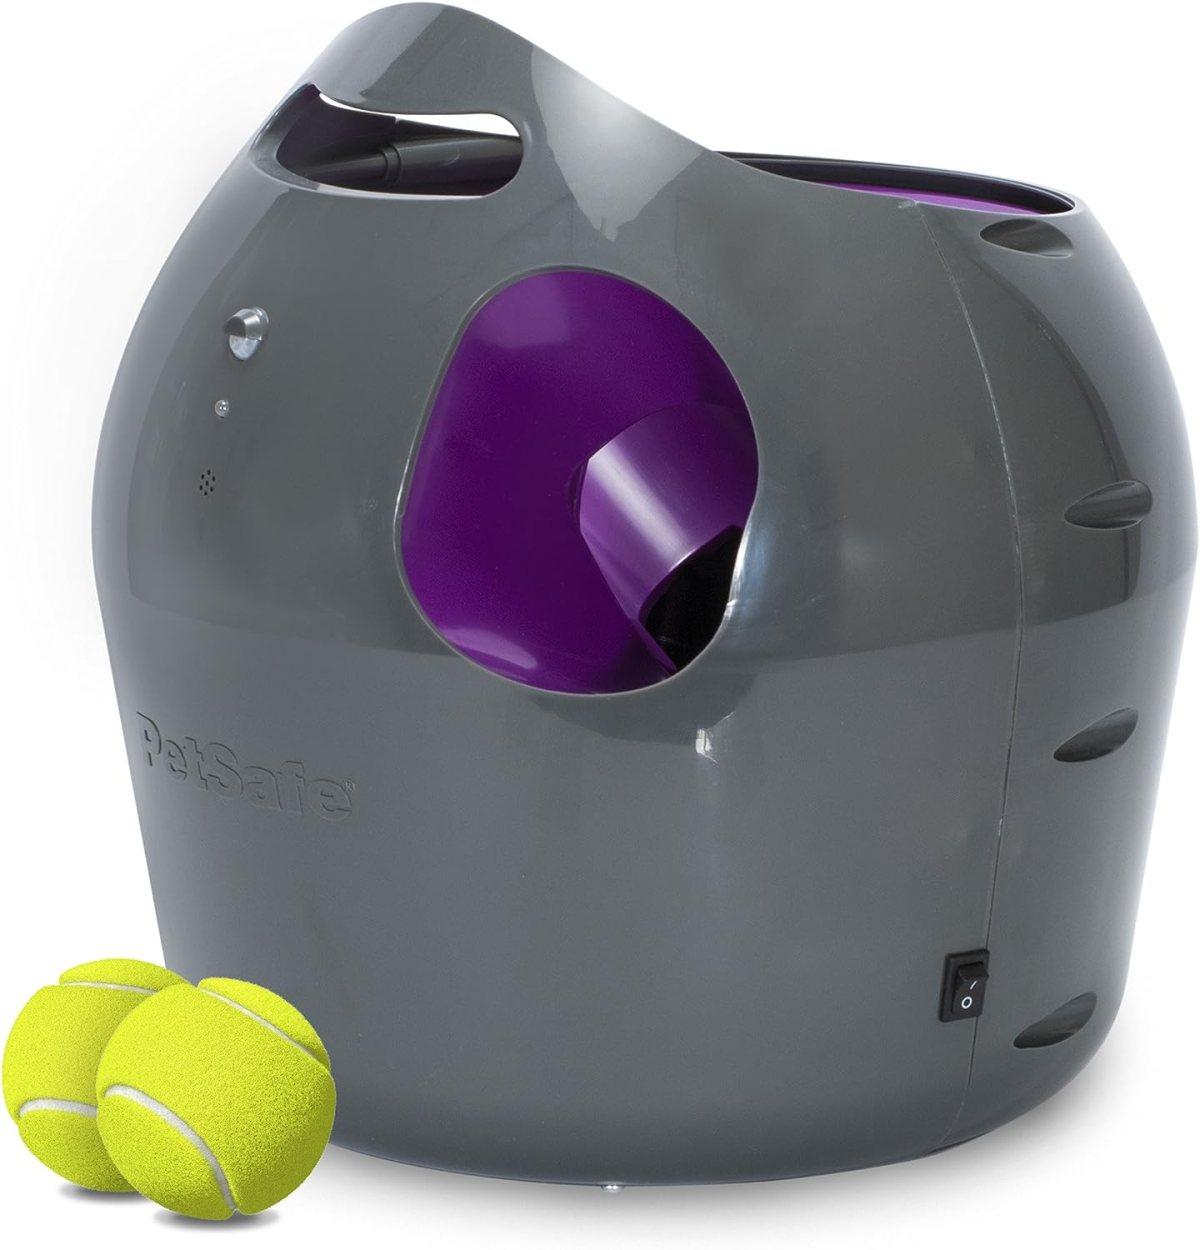 PetSafe: Lanzador automático de Pelotas de Tenis para Perros, Juguete Interactivo para Perros, Entrenamiento de Juego en Interiores o Exteriores, Configuración múltiple, Resistente al Agua